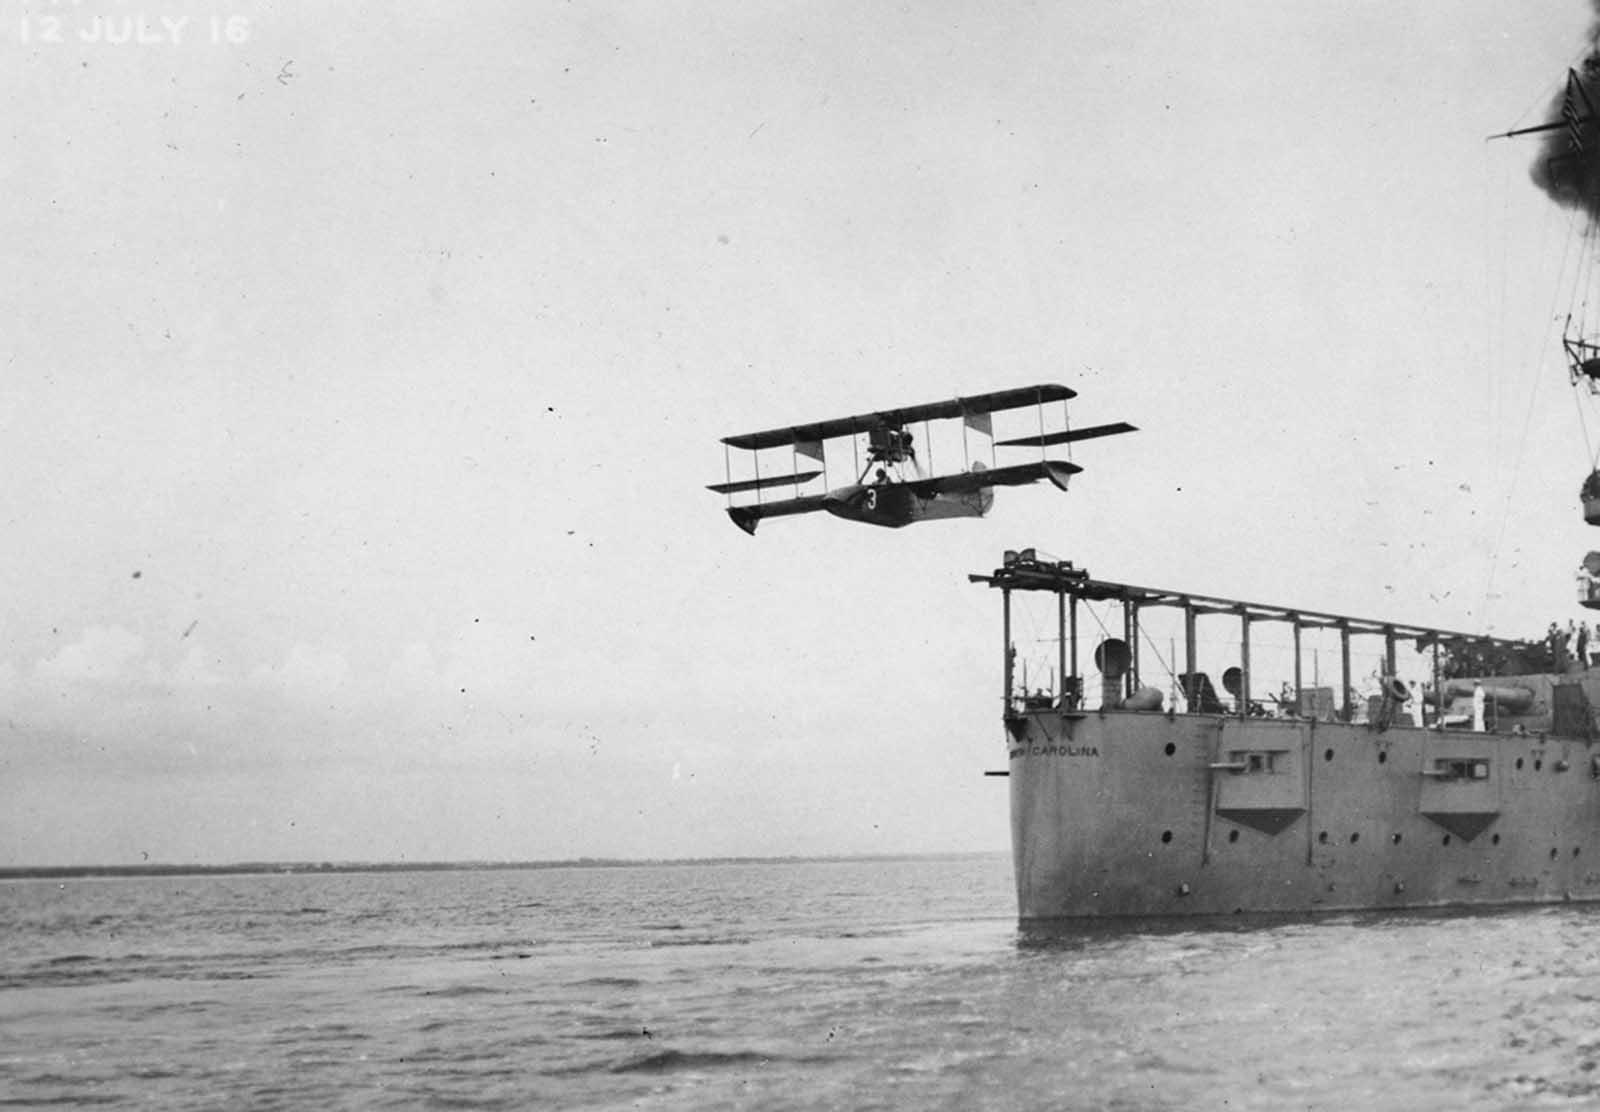 Un avión Curtiss modelo AB-2 catapultó fuera de la cubierta del USS North Carolina el 12 de julio de 1916. La primera vez que un avión fue lanzado por catapulta desde un barco de guerra mientras estaba en marcha fue desde Carolina del Norte el 5 de noviembre de 1915.